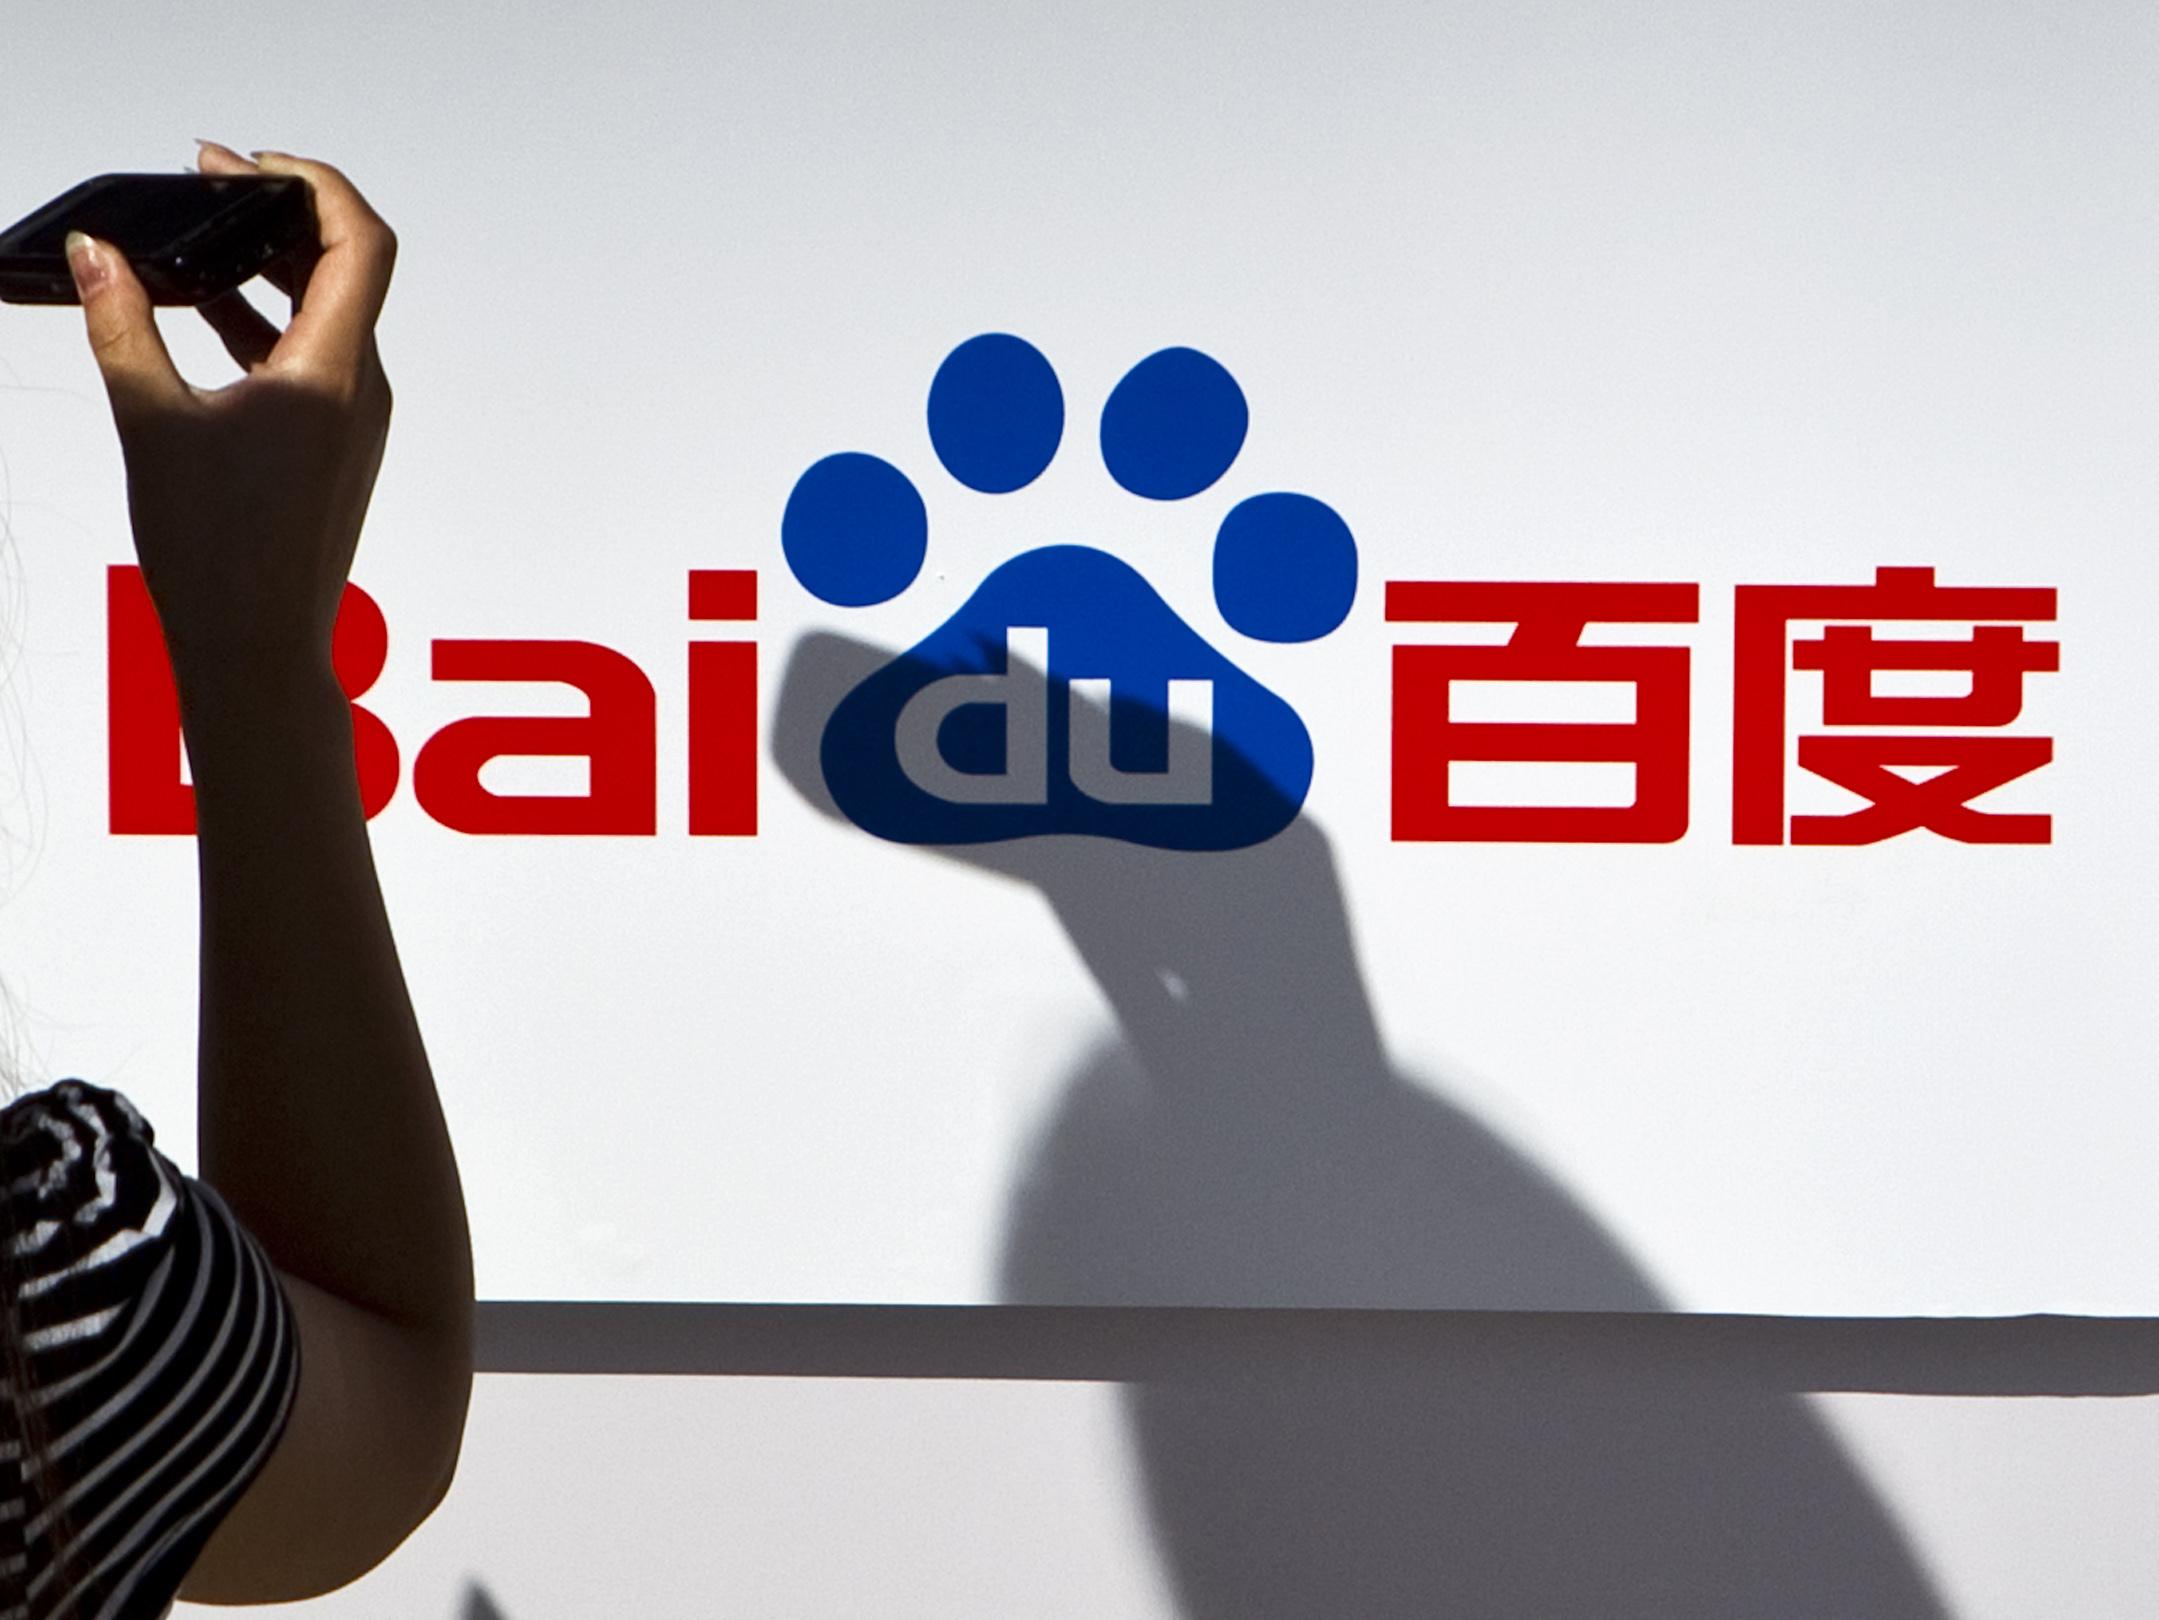 Baidu under investigation by Chinese regulators